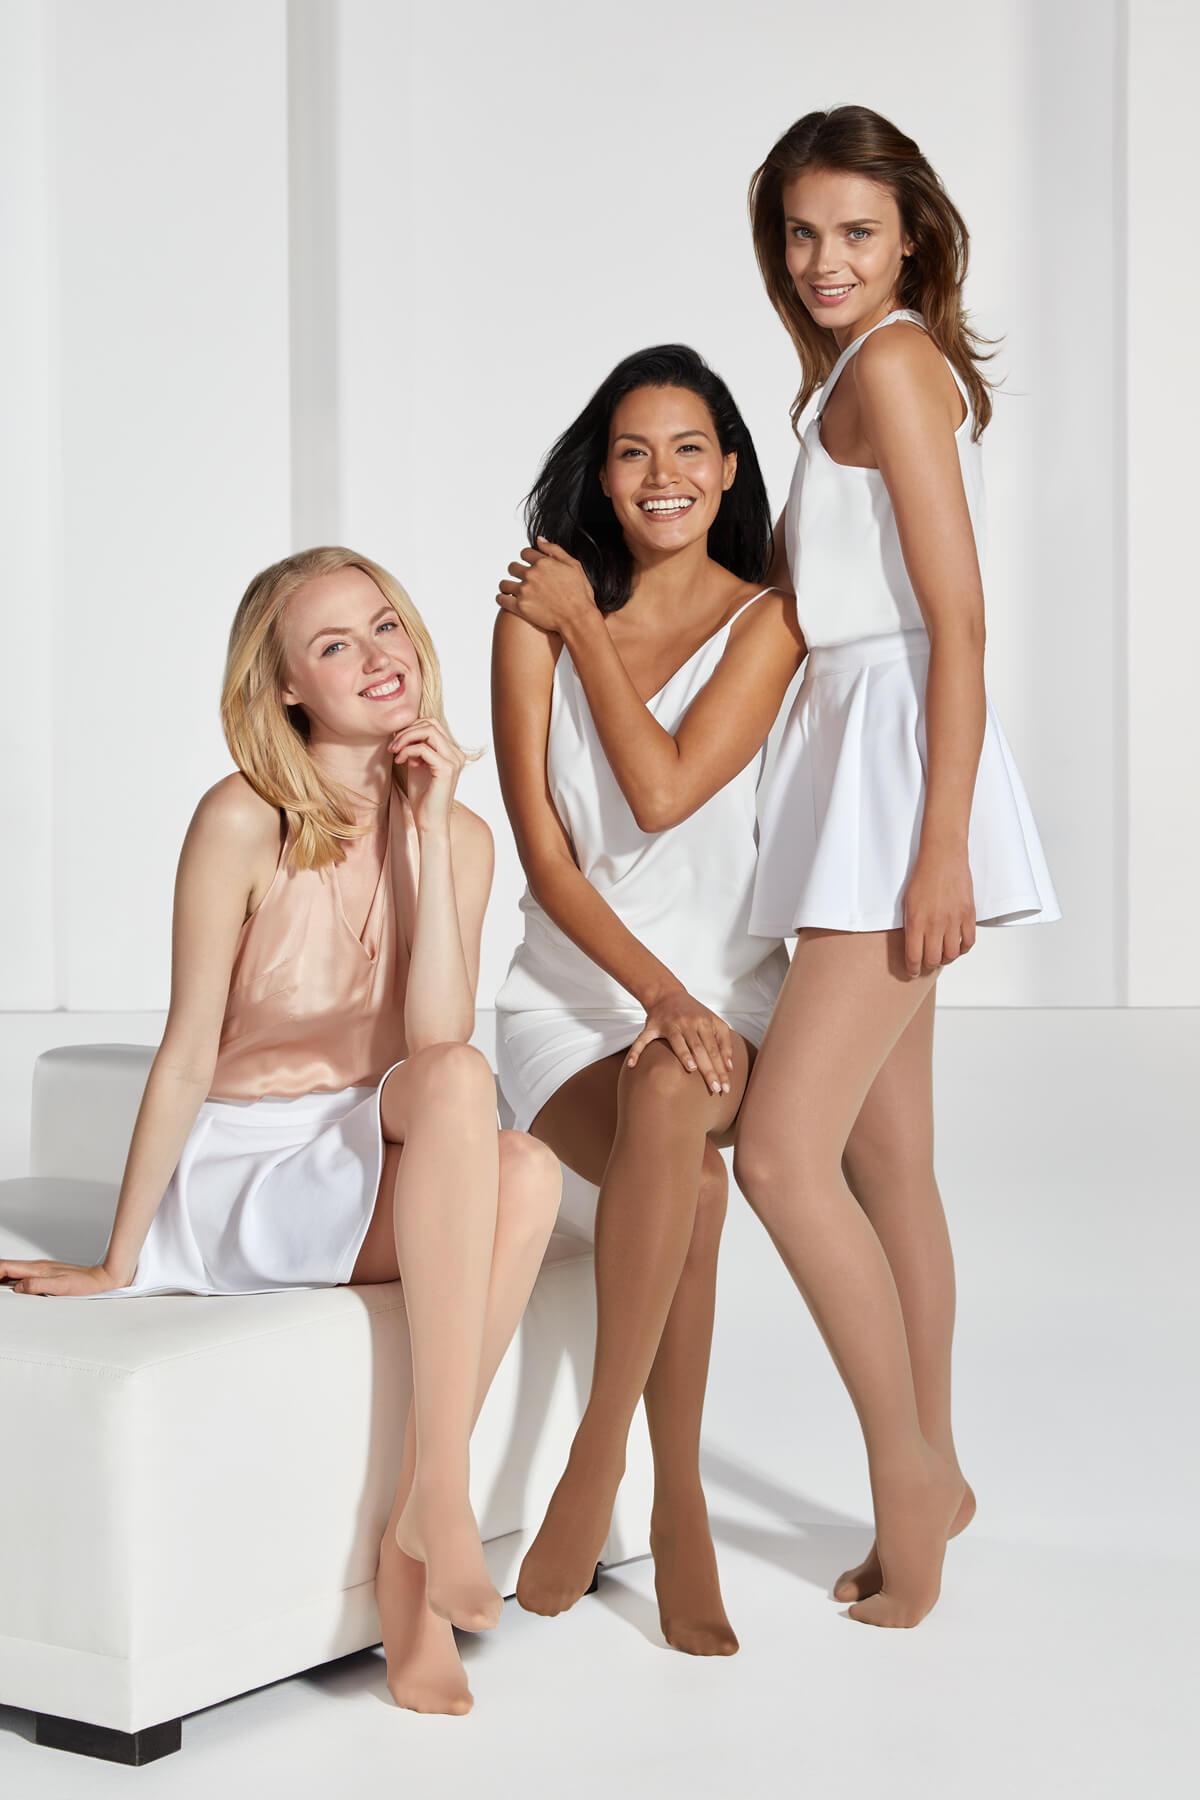 Drei-Frauen-sitzen-stehen-tragen-Kompressionsstrümpfe